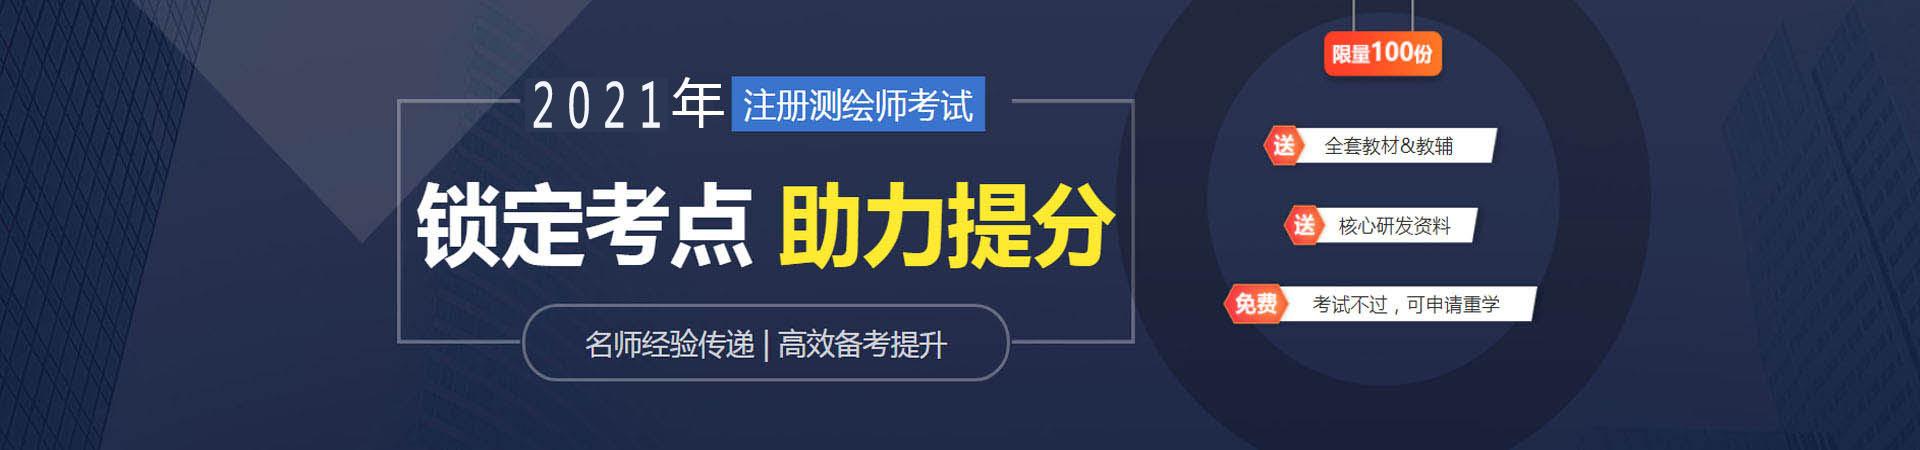 哈尔滨注册测绘师培训班